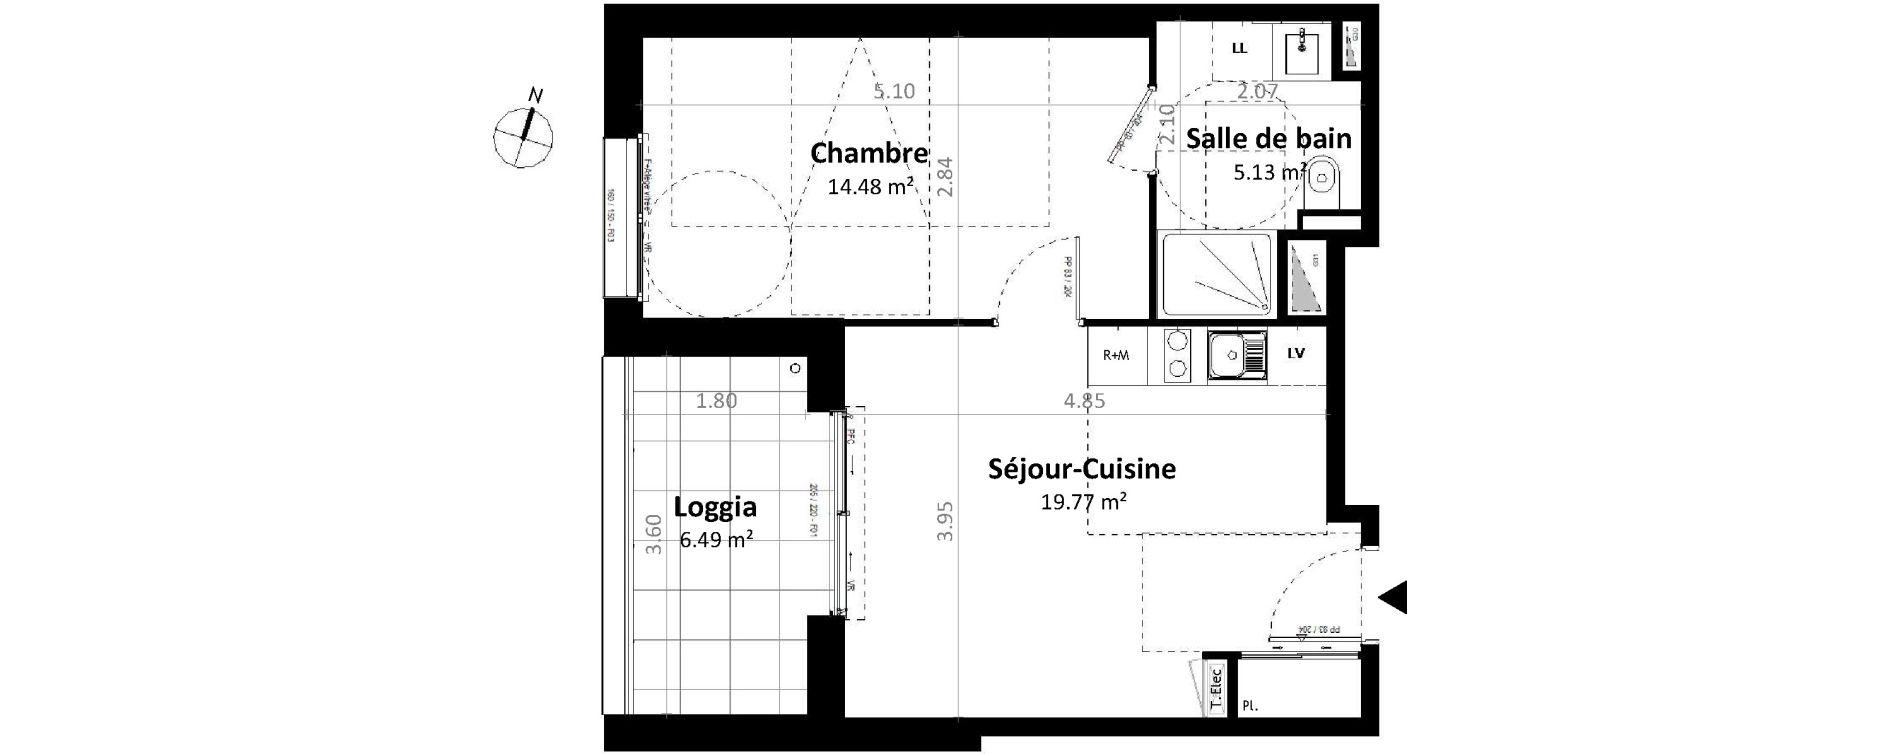 Appartement T2 de 39,39 m2 à Gévezé Centre